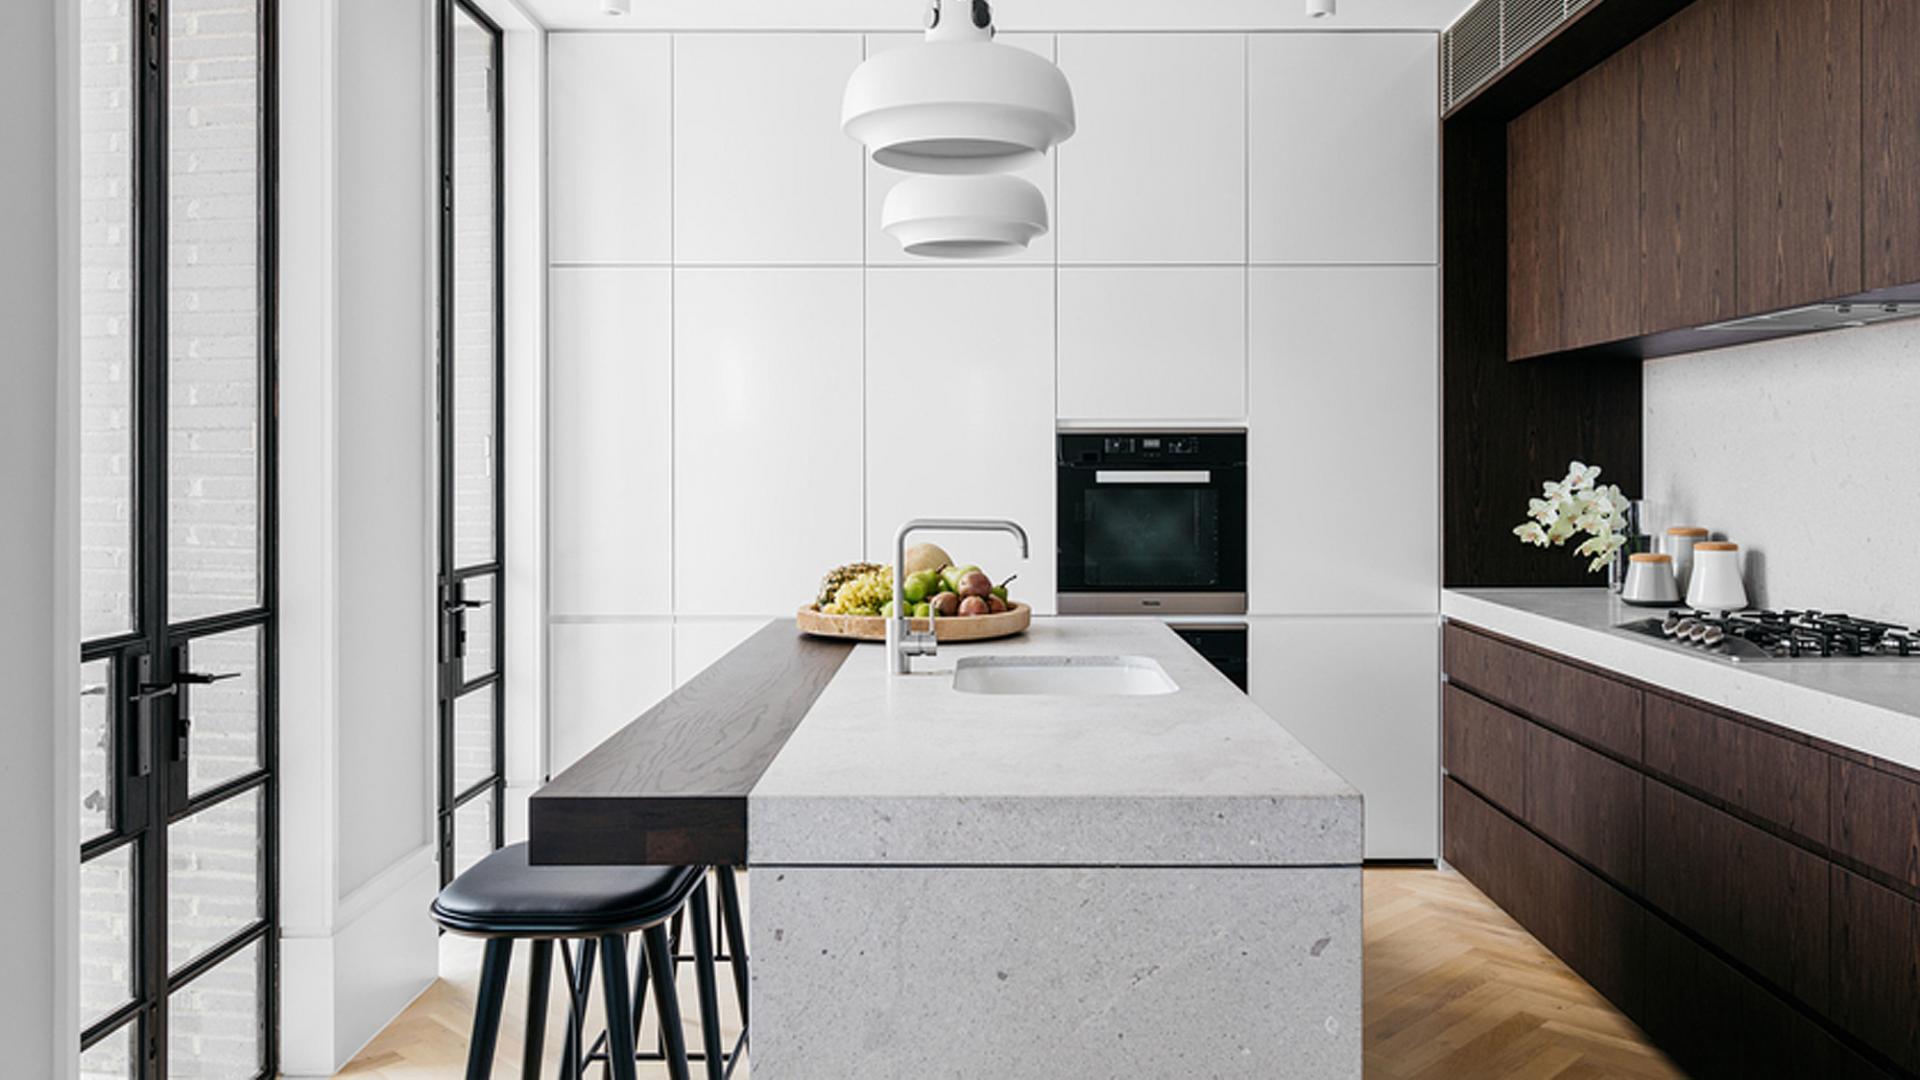 La cucina australiana dear kitchen for Cucina australiana